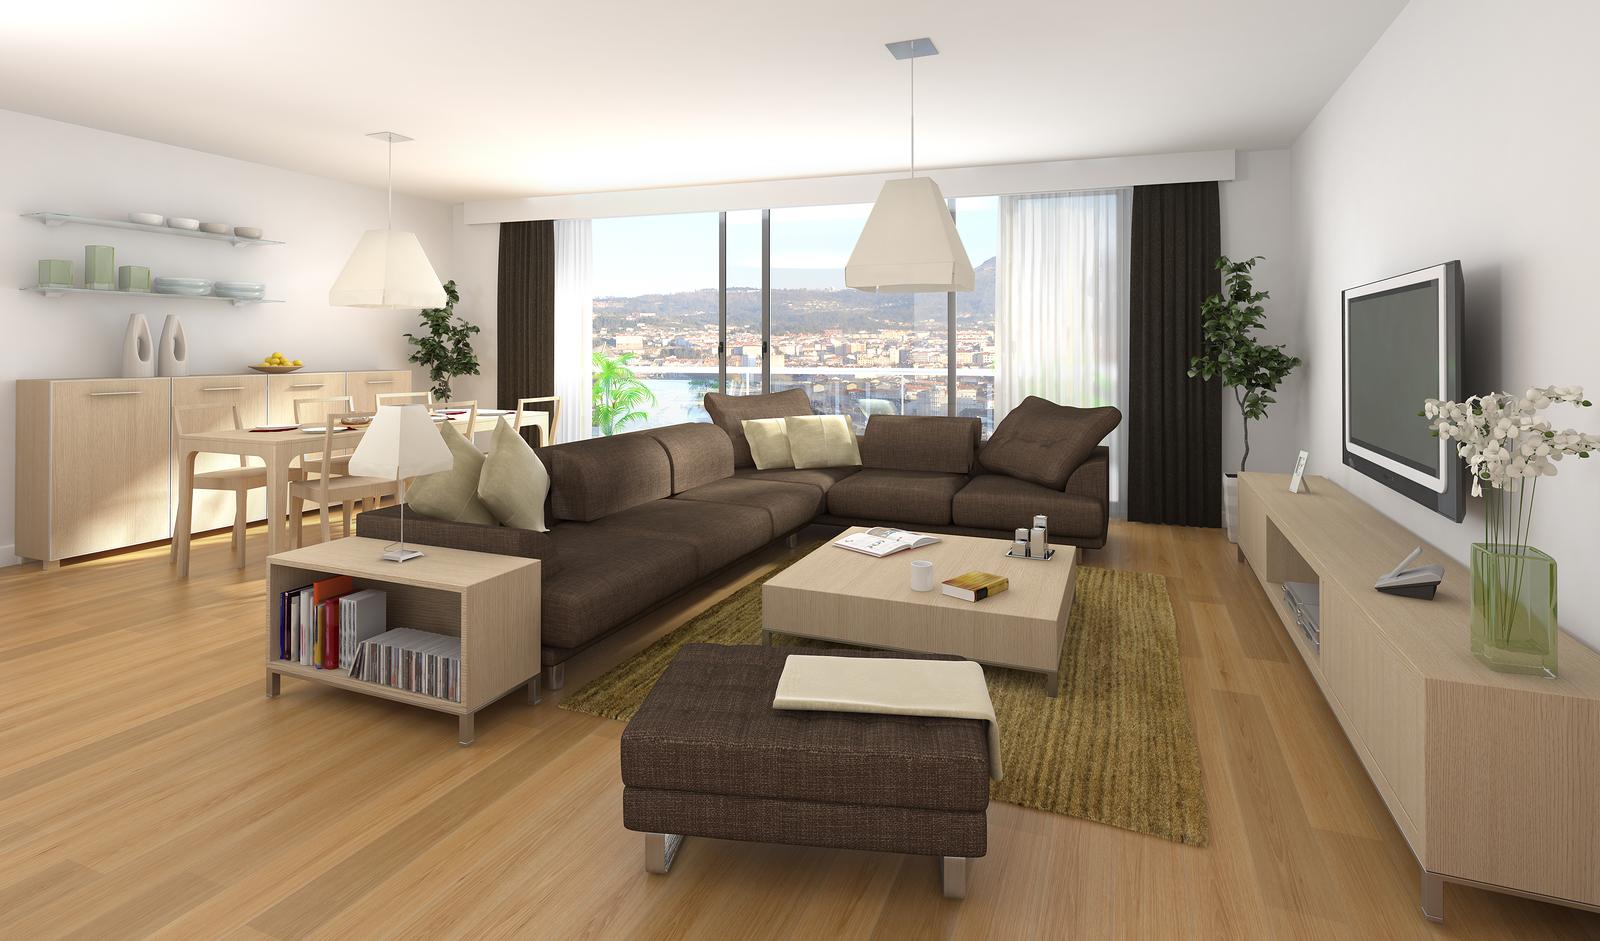 Modern sedacie s pravy s z kladom trendy ob va ky en for Immagini di appartamenti moderni